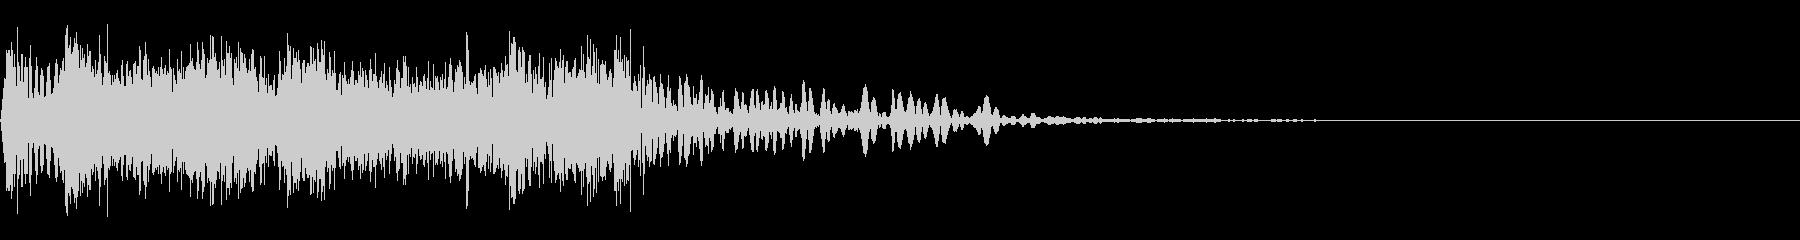 ダイナモスタートスワイプの未再生の波形